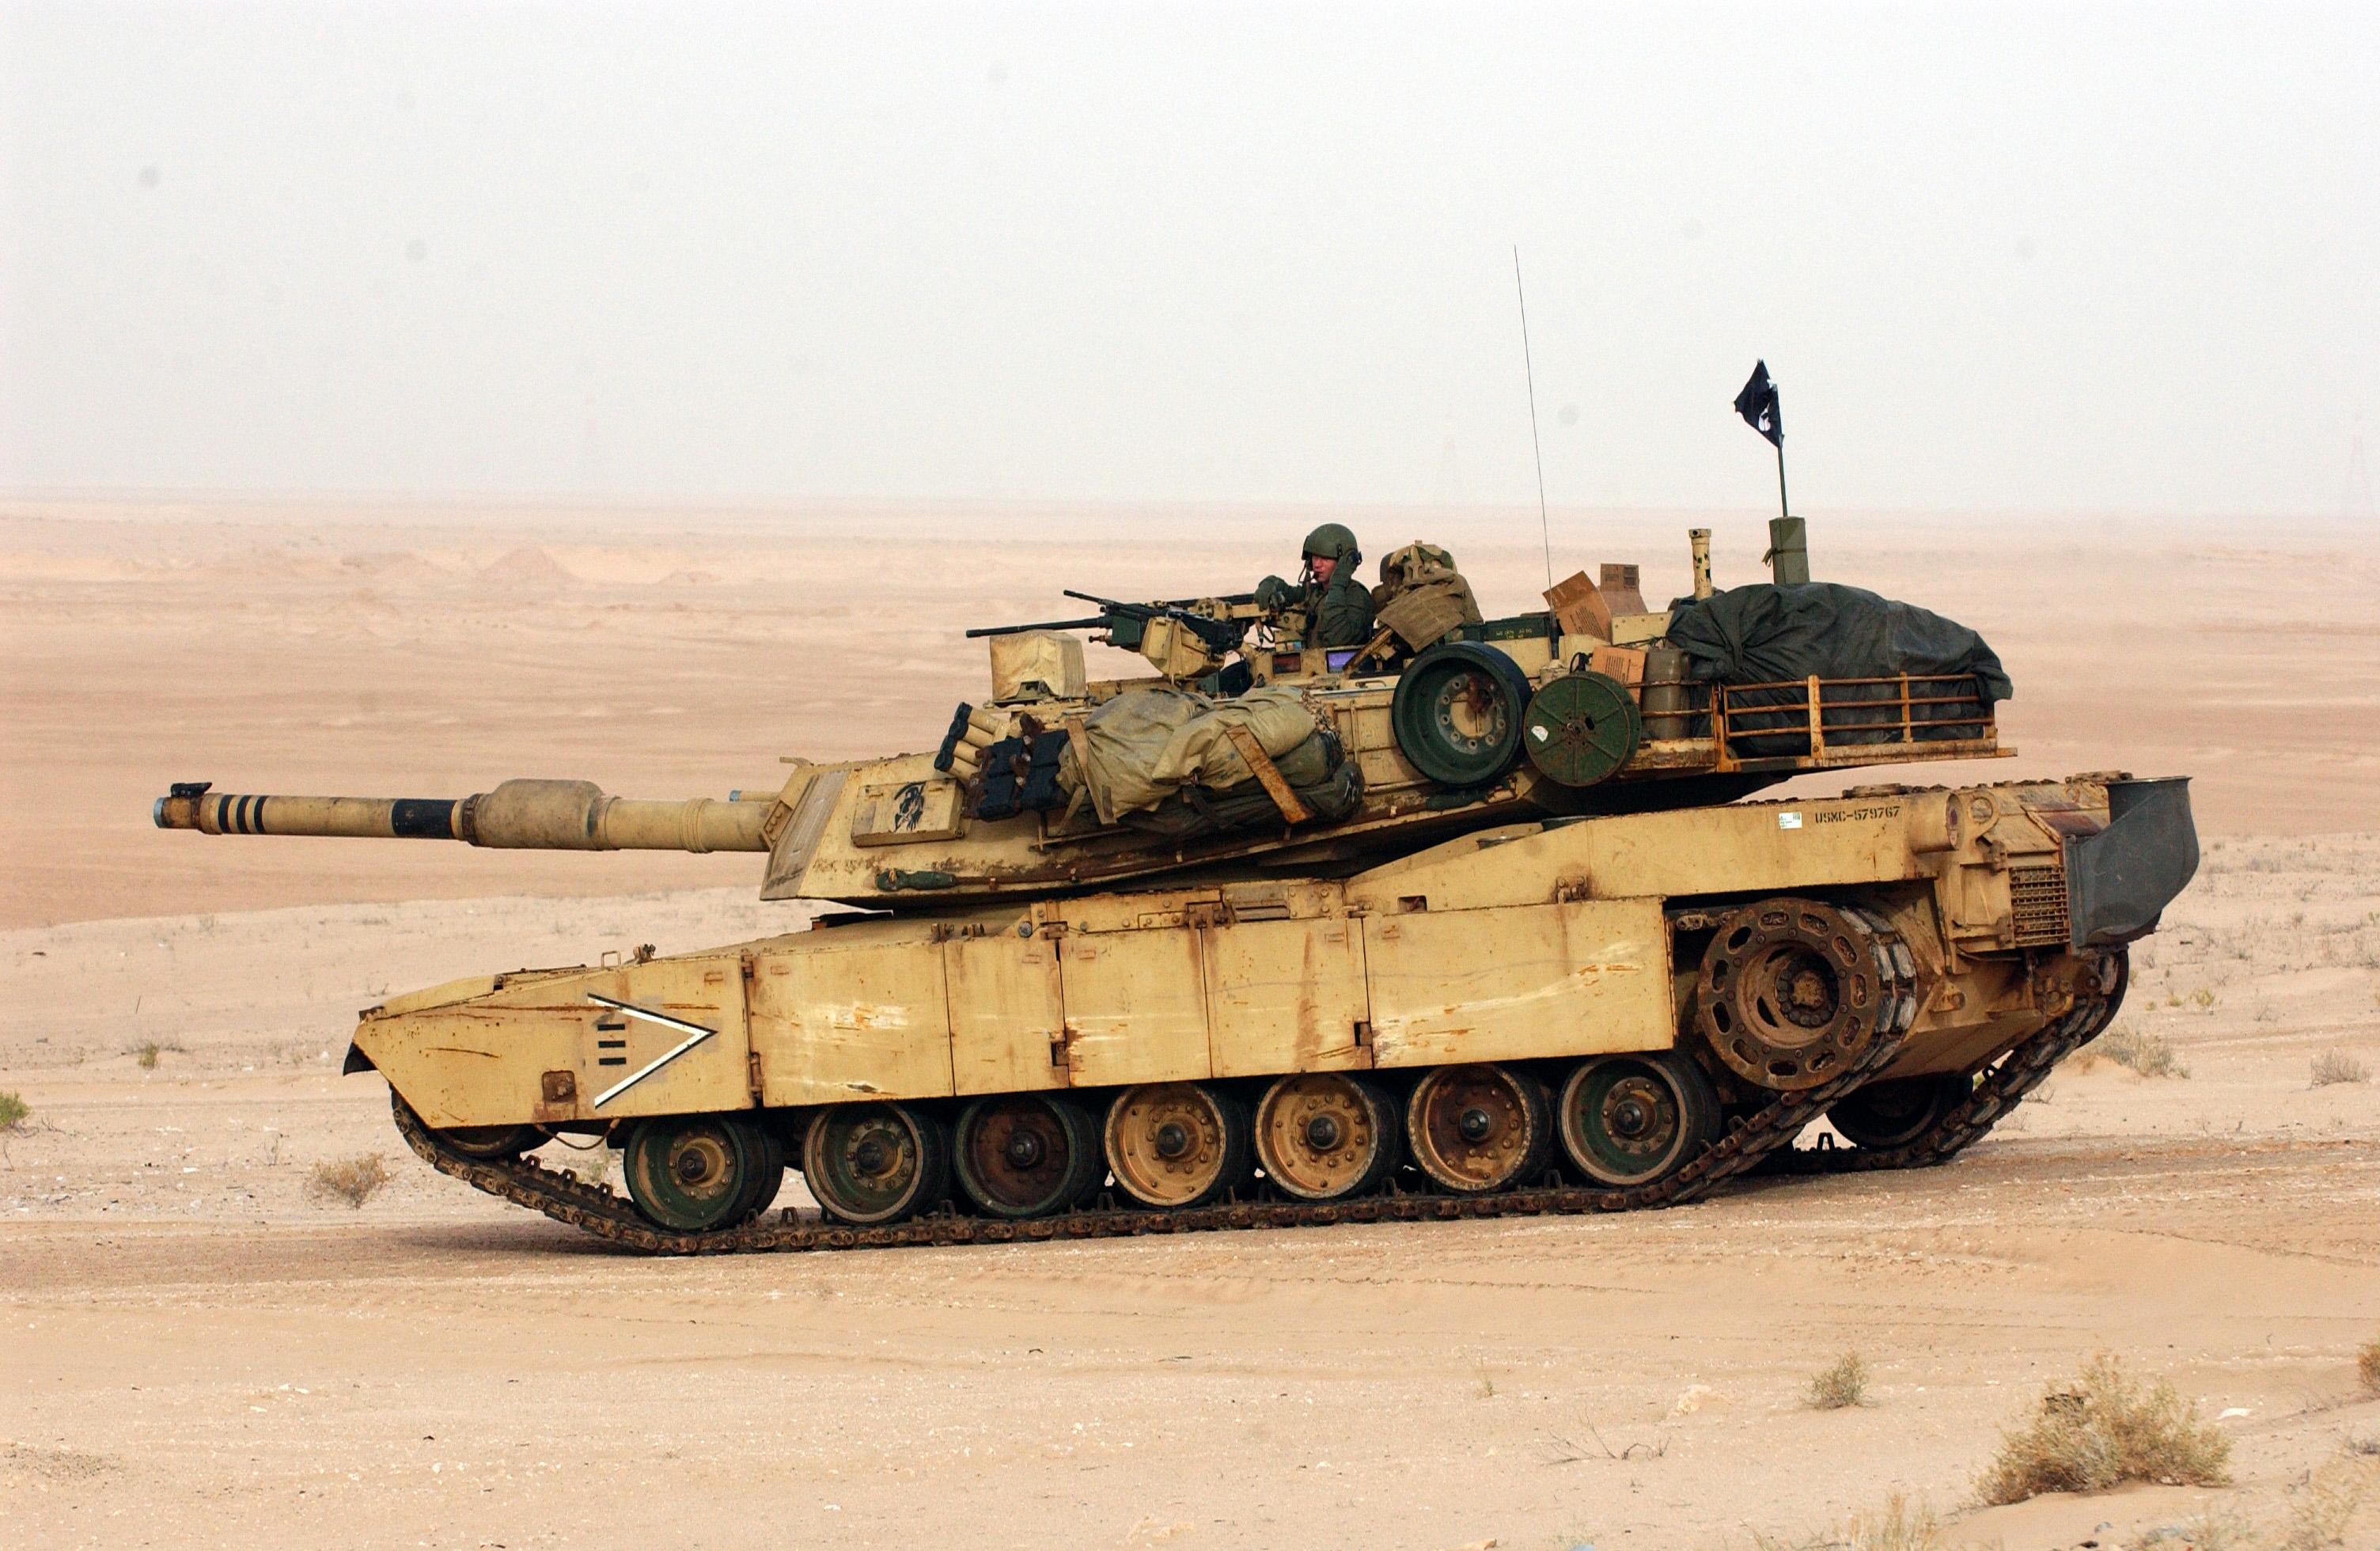 Die U.S. Army und das US Marine Corps verfügen zusammen über 5970M1 Abrams-Kampfpanzer.[90]